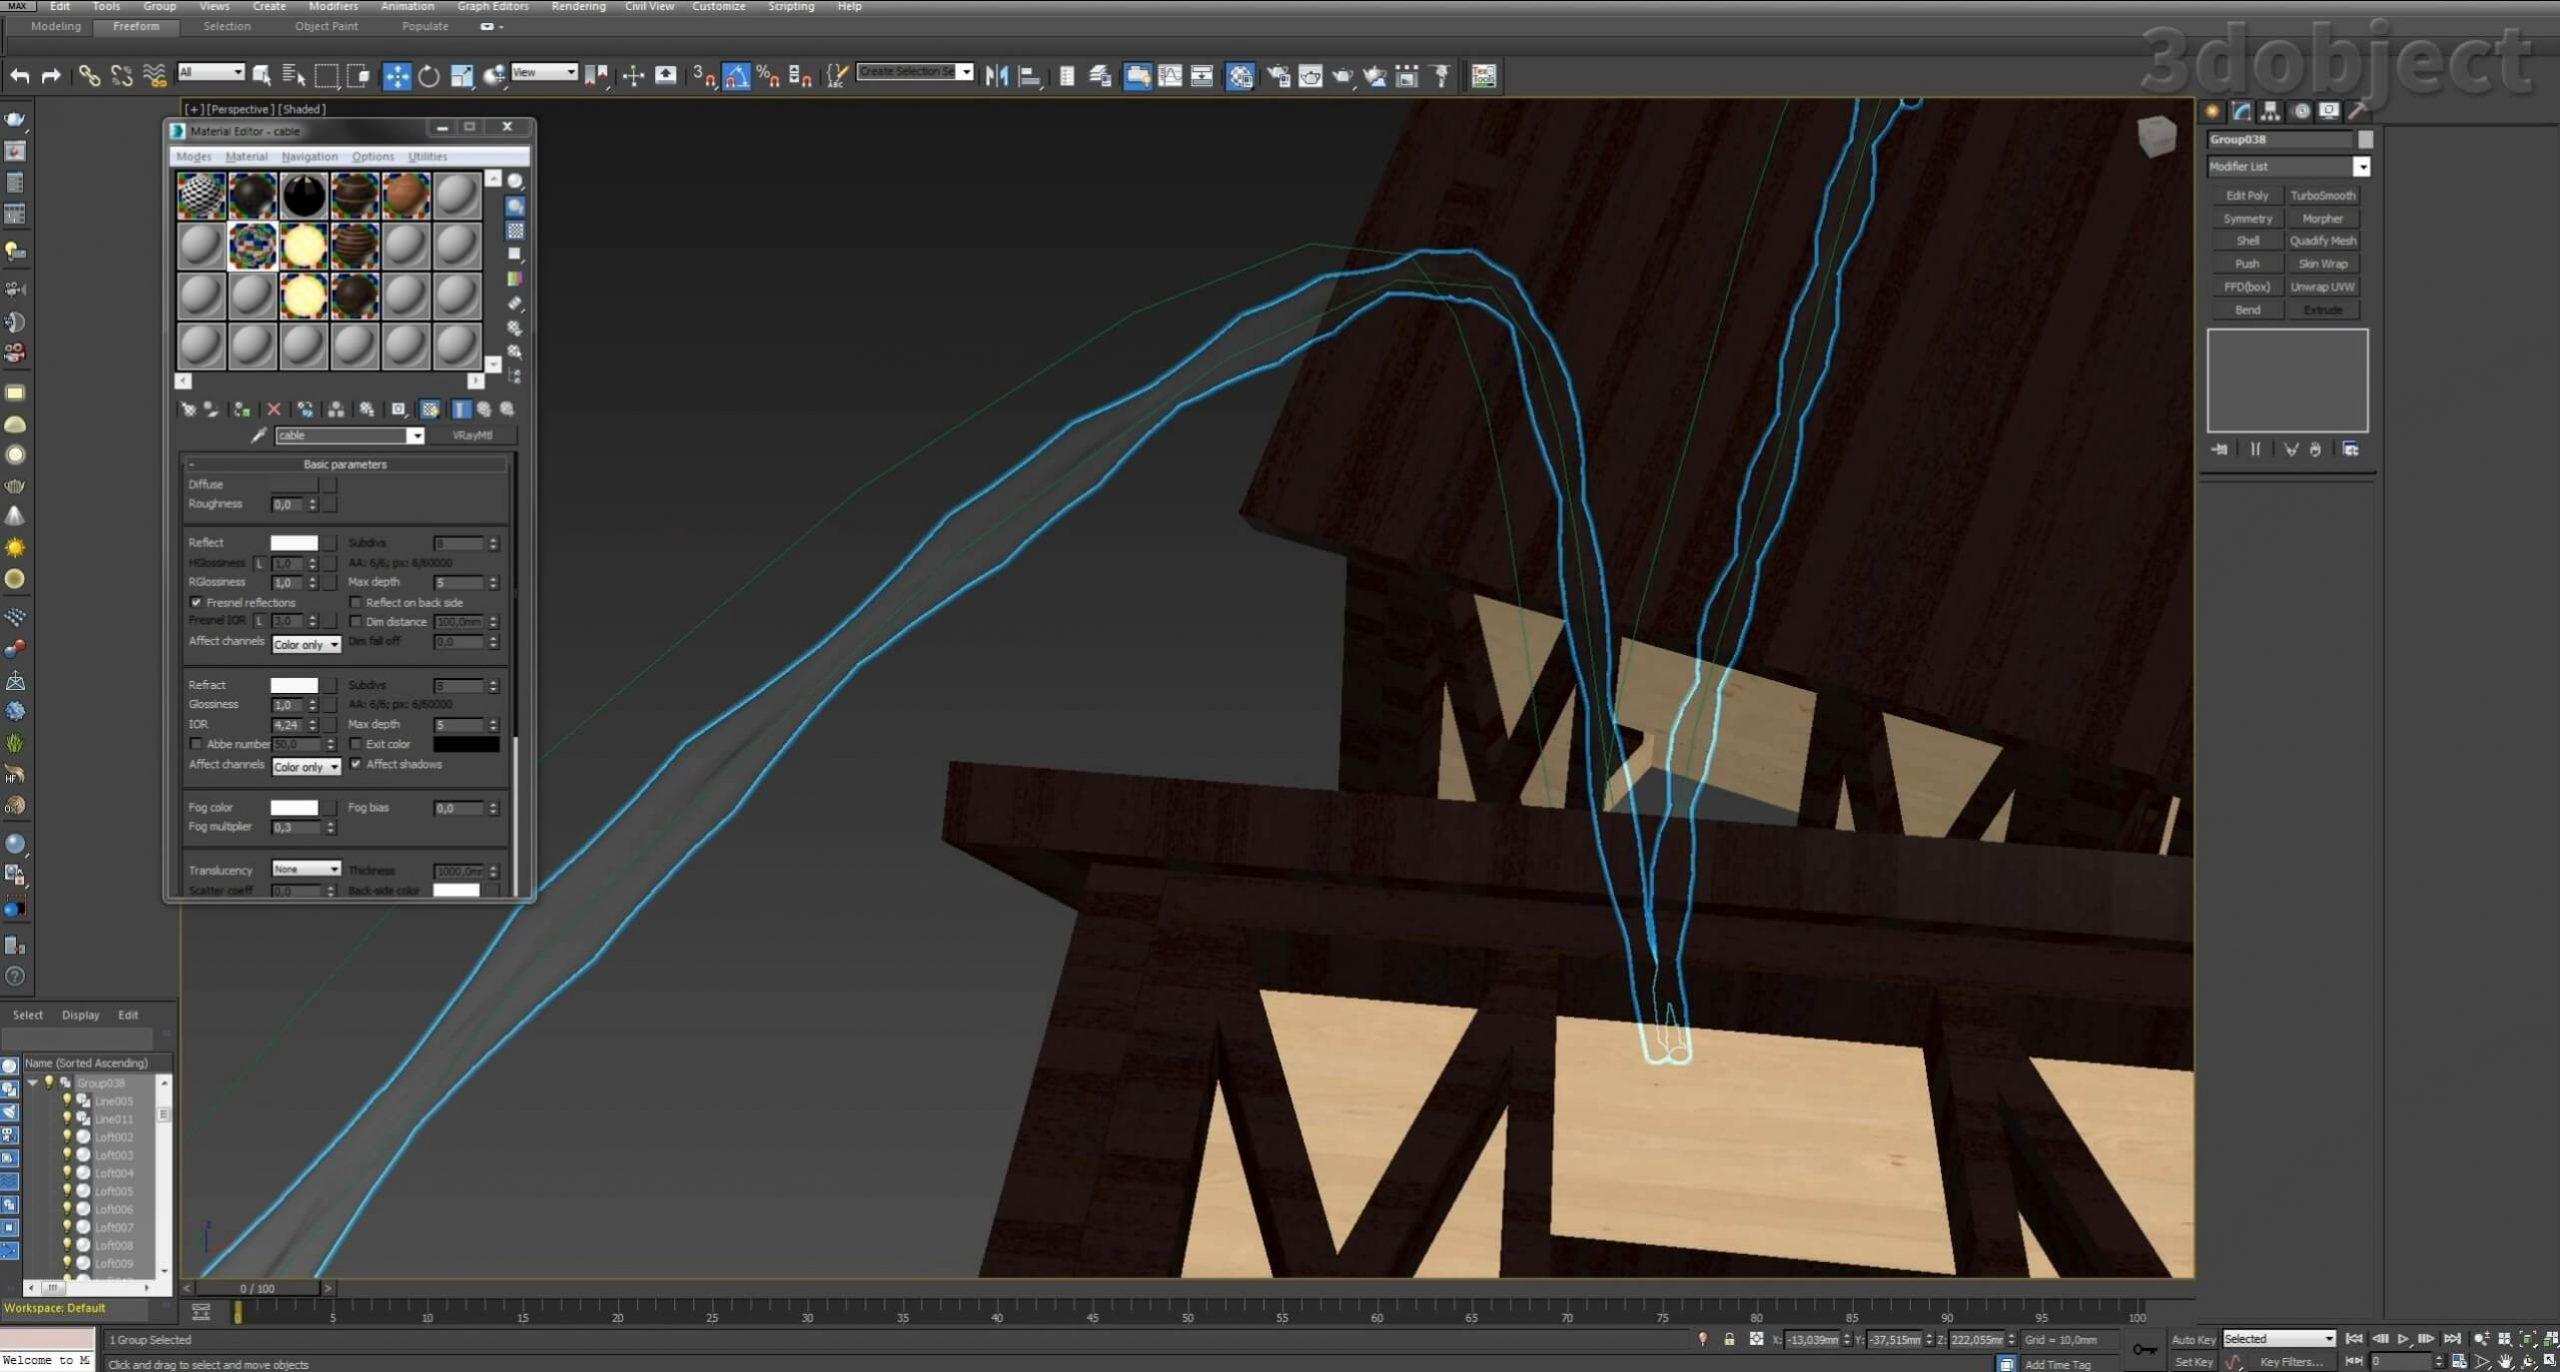 Моделирование домиков для гирлянды вы можете посмотреть в видео – Моделирование дома за 5 минут. В этом видео вы увидите, как смоделировать проводку для гирлянды из сплайнов с помощью модификатора Loft_3